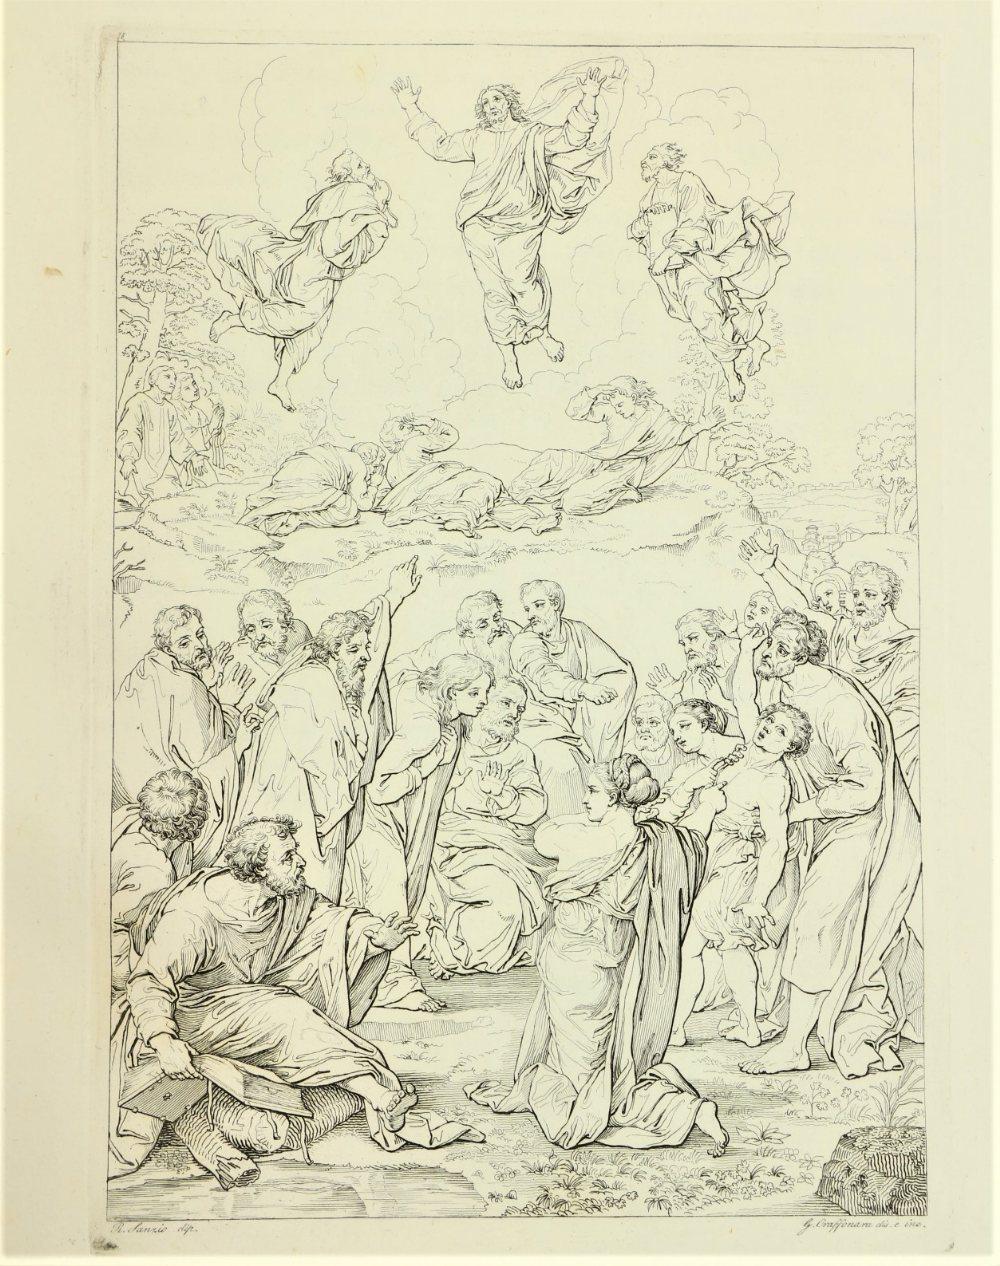 Craffonara (Giuseppe)ÿI Pui Celebri Quadri Delle diverse Scuole Italiane Riuniti nell Appartamento - Image 3 of 3